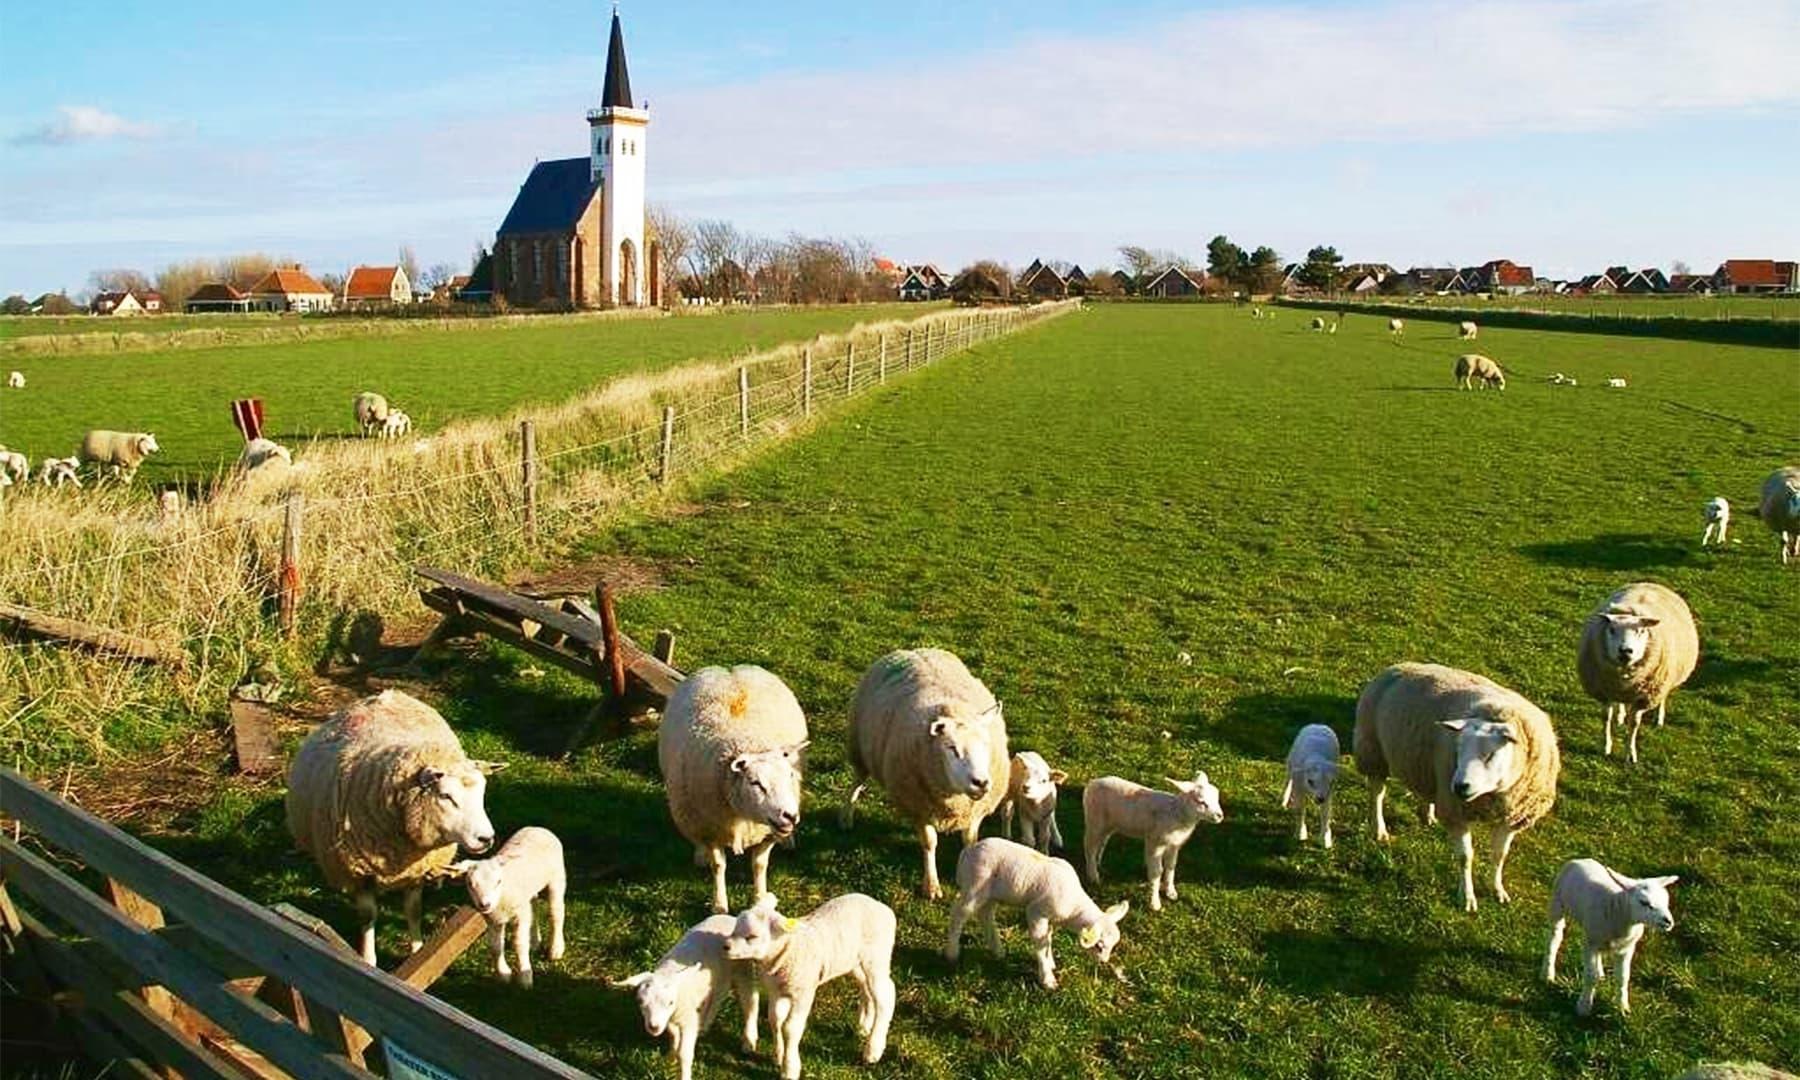 کتا مالک کی سیٹی کی آواز سنتے ہی 300 سے 400 بھیڑوں کو ایک باڑے میں جمع کر دیتا تھا